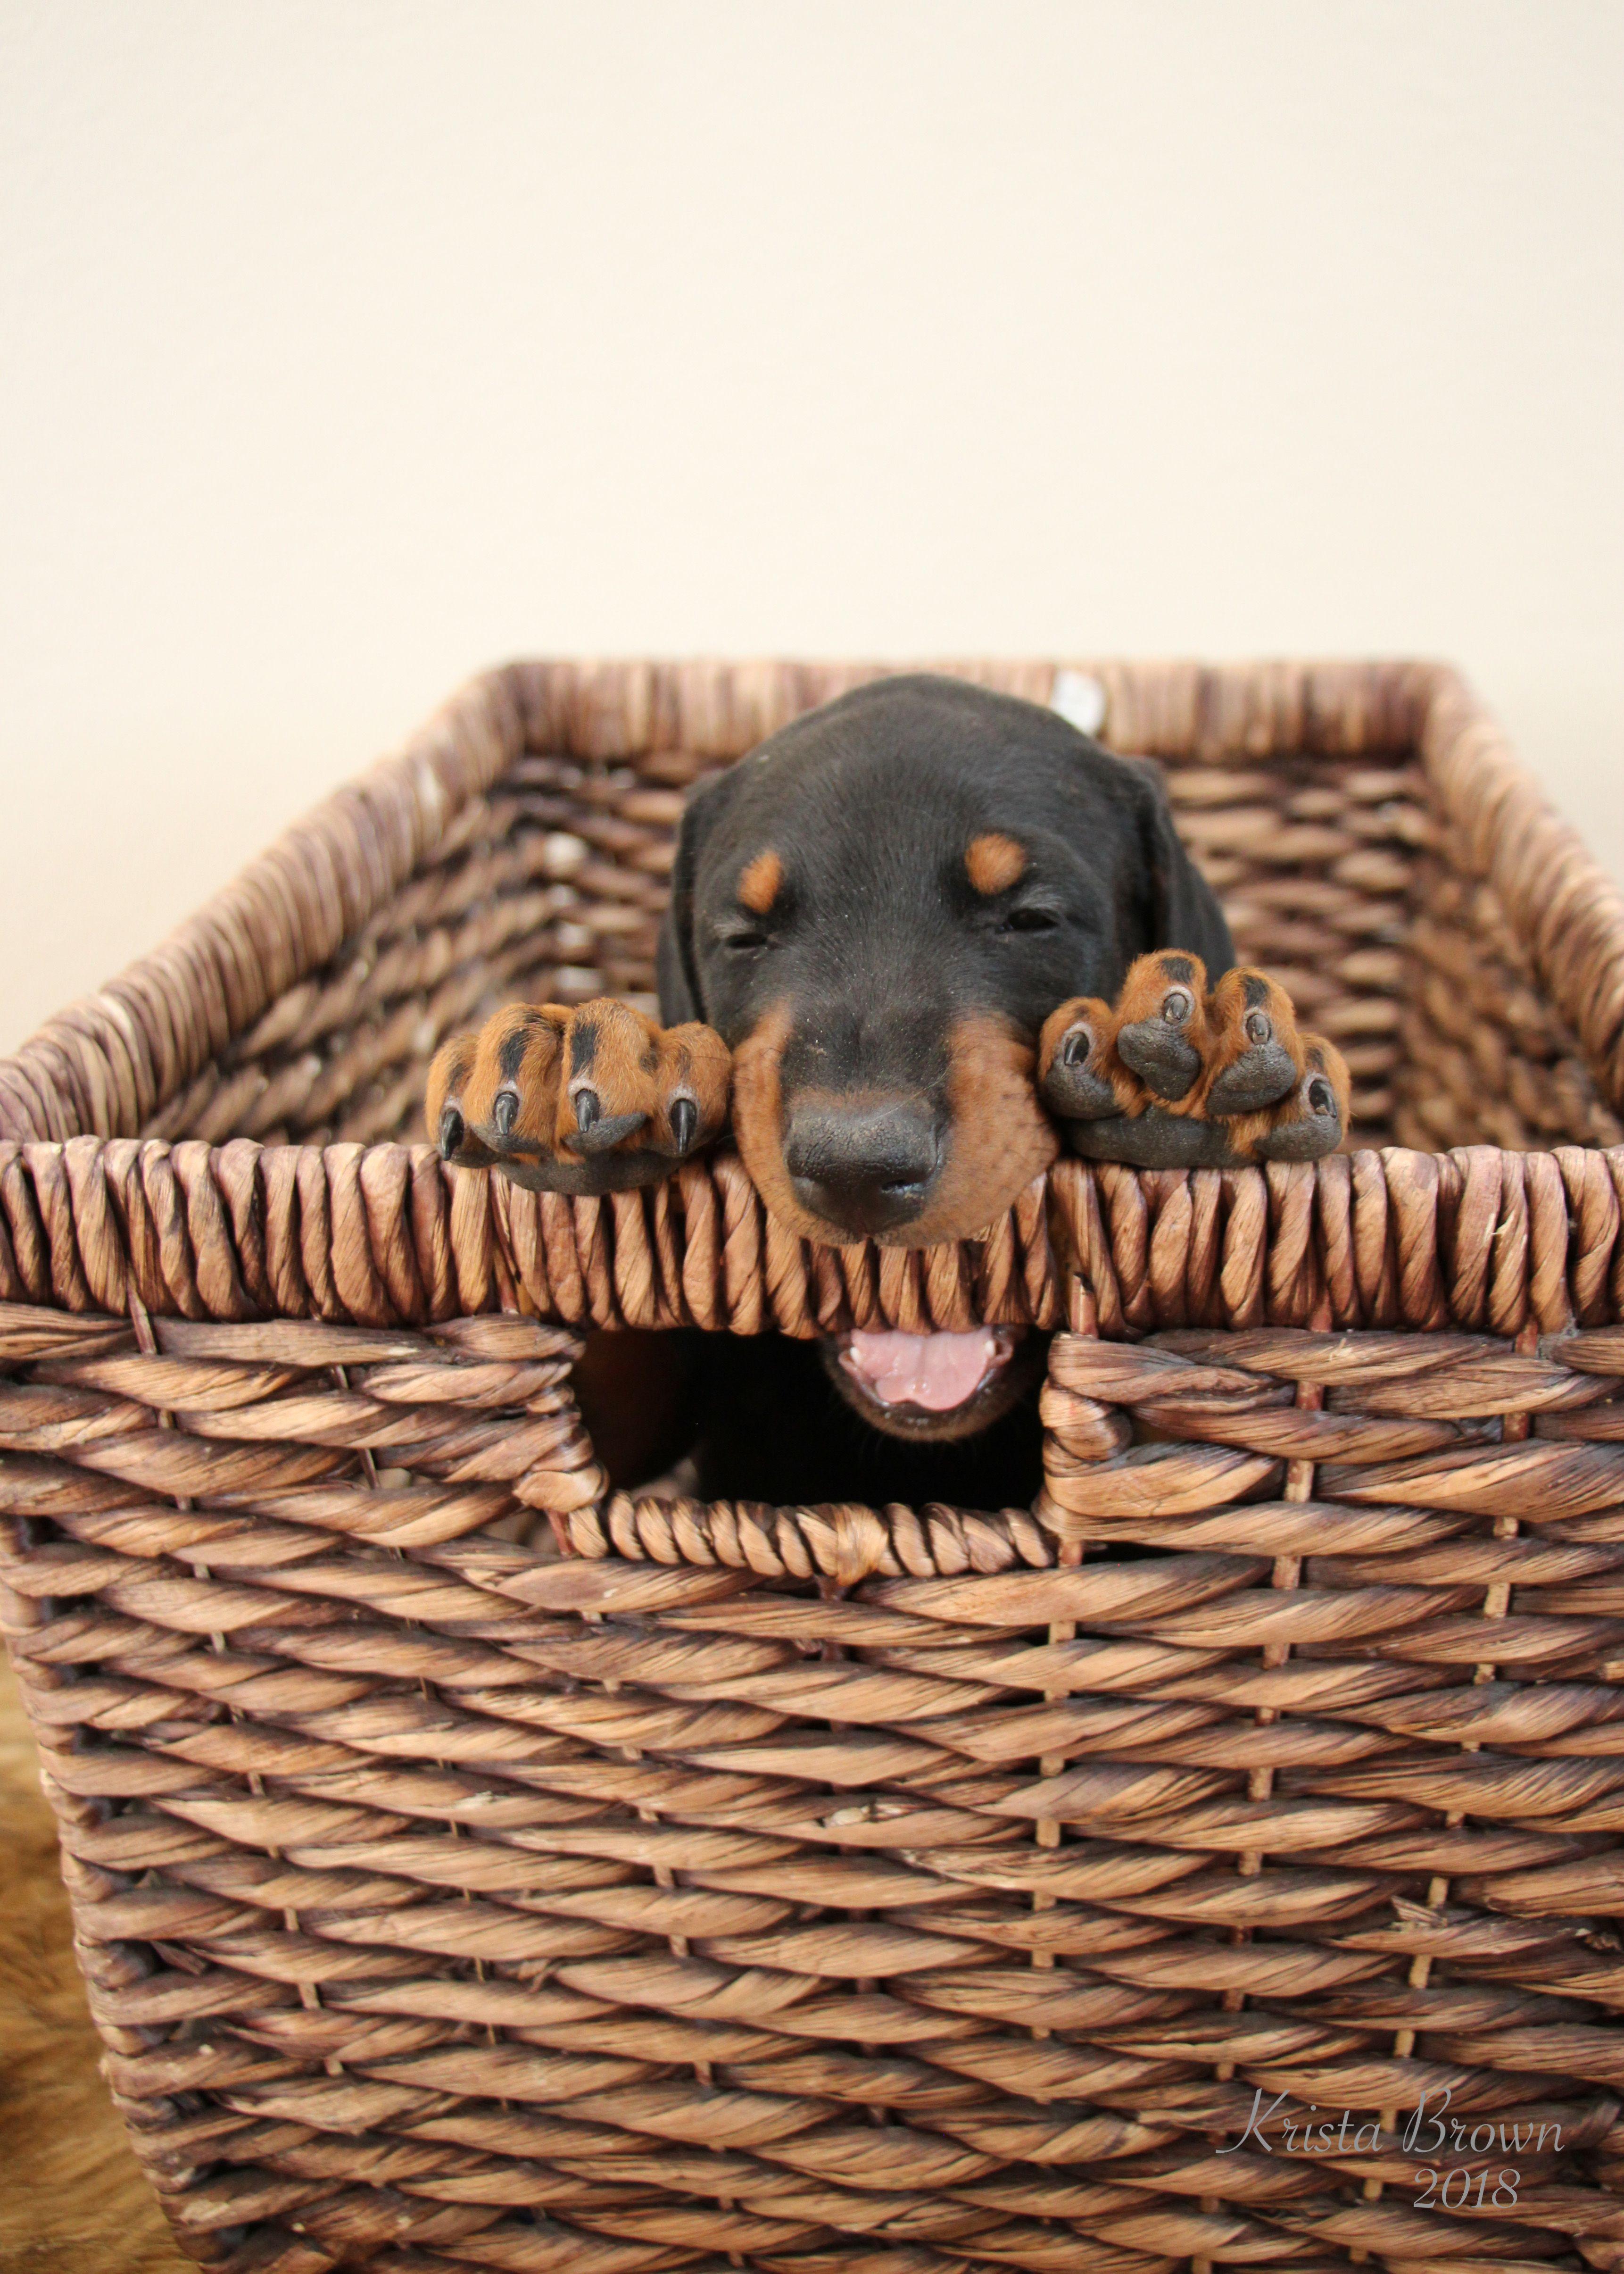 Doberman Pinscher Doberman Pinscher Doberman Doberman Pinscher Dog